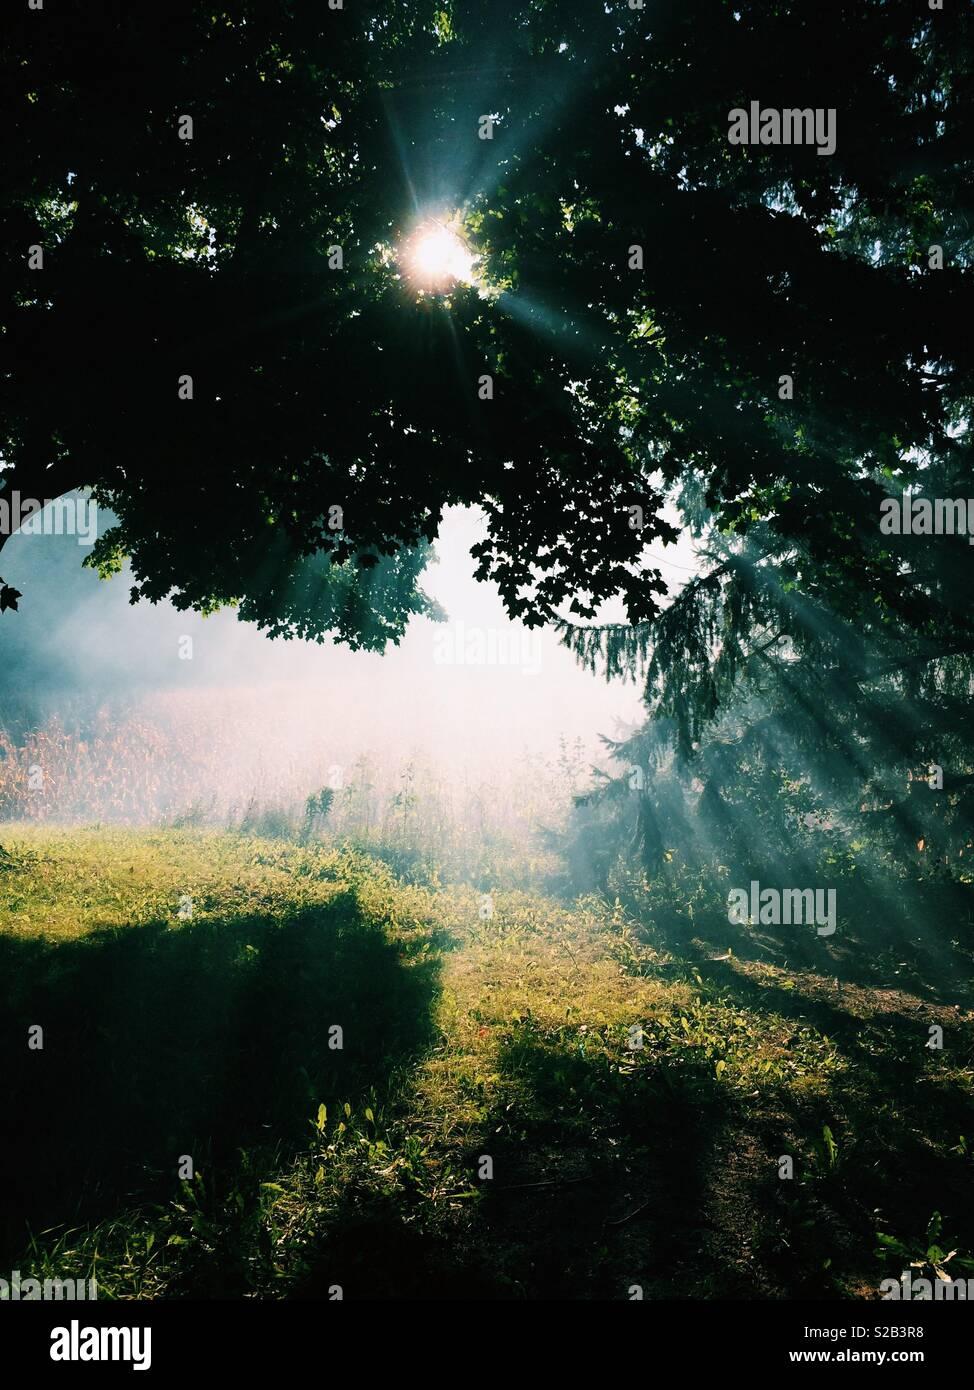 Torche solaire à travers les arbres dans un cadre rural. Photo Stock